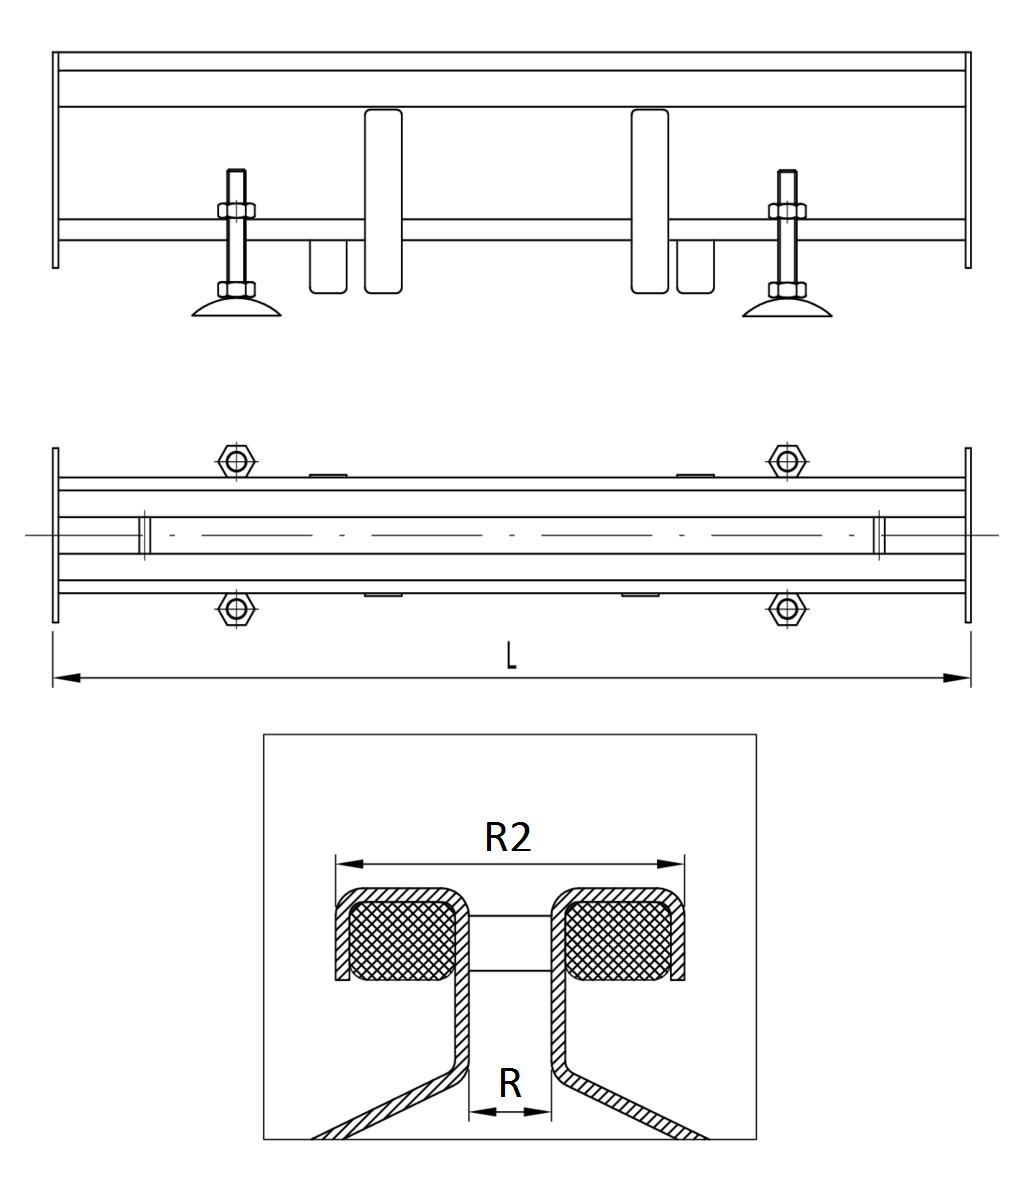 Esquema técnico general do canal RANHURADO ESP em aço inoxidável AISI304 com detalhe da ranhura e junta.